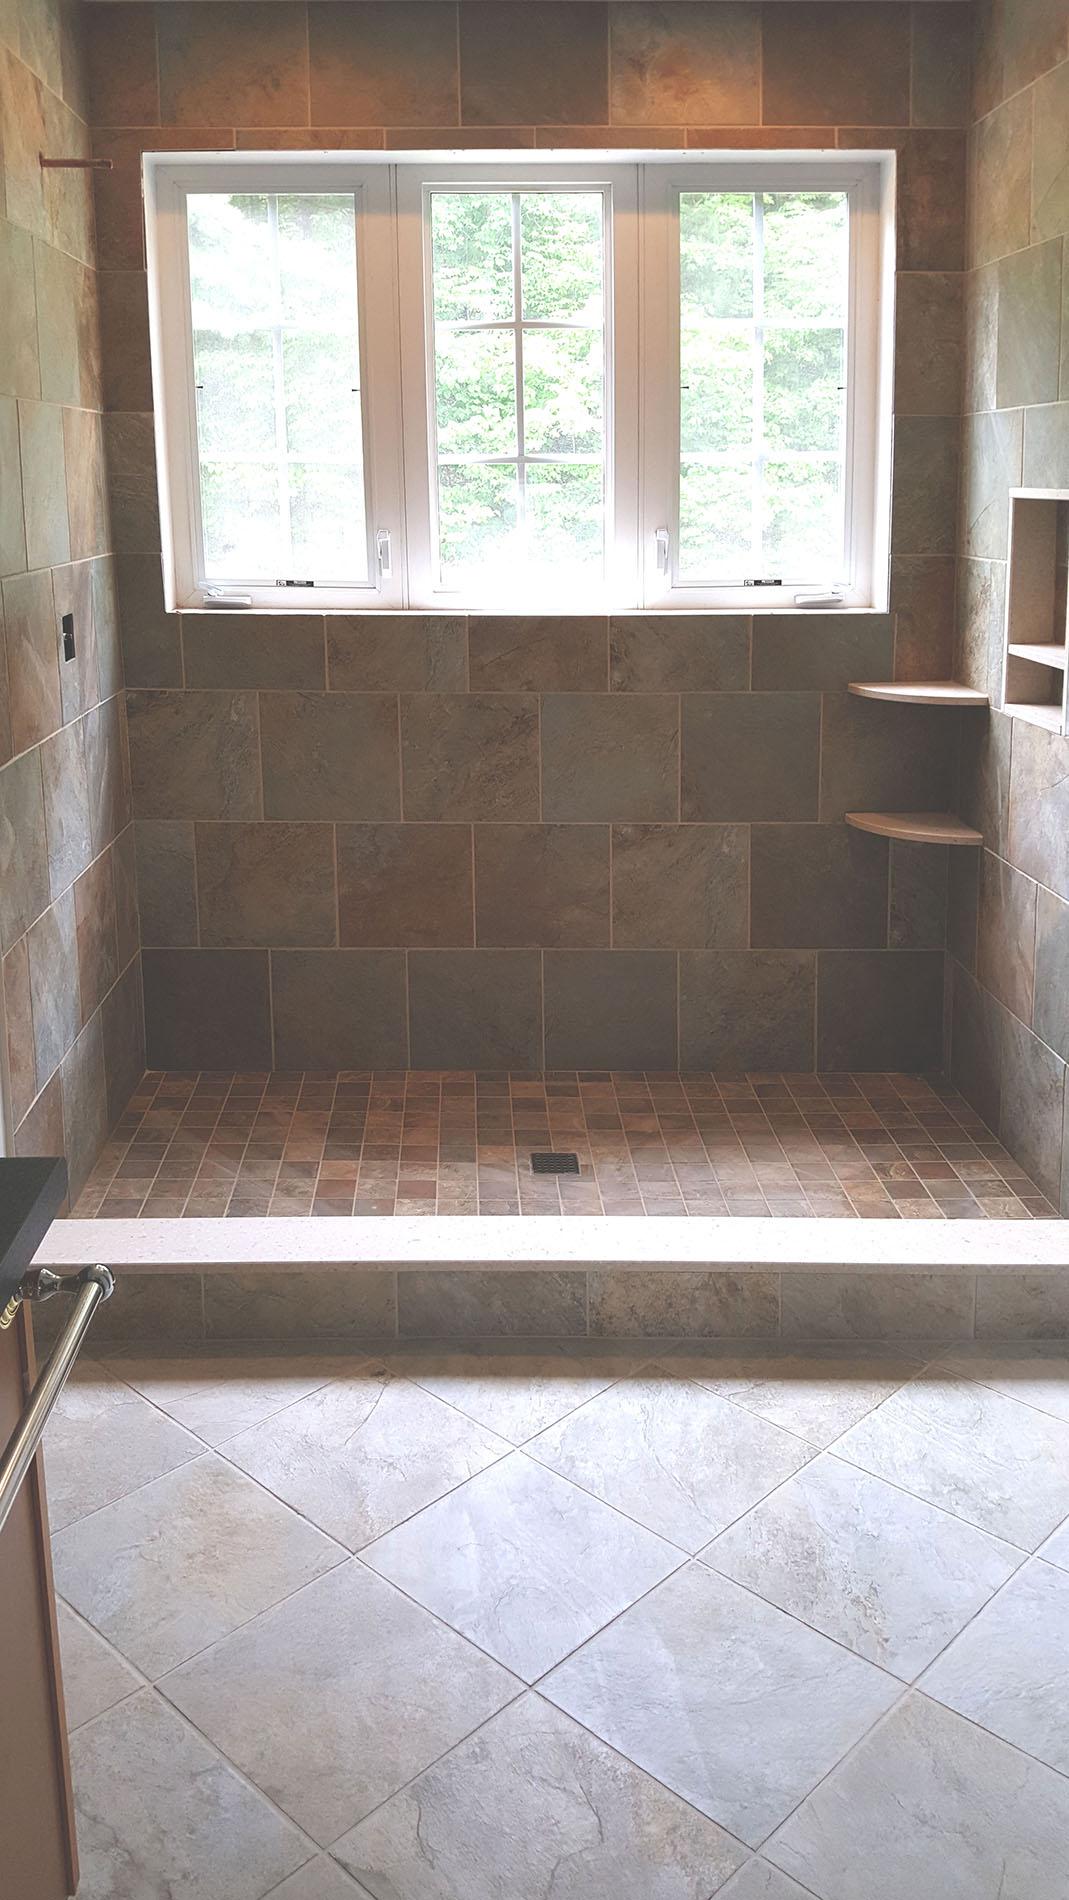 tiled shower corner shelves & niches